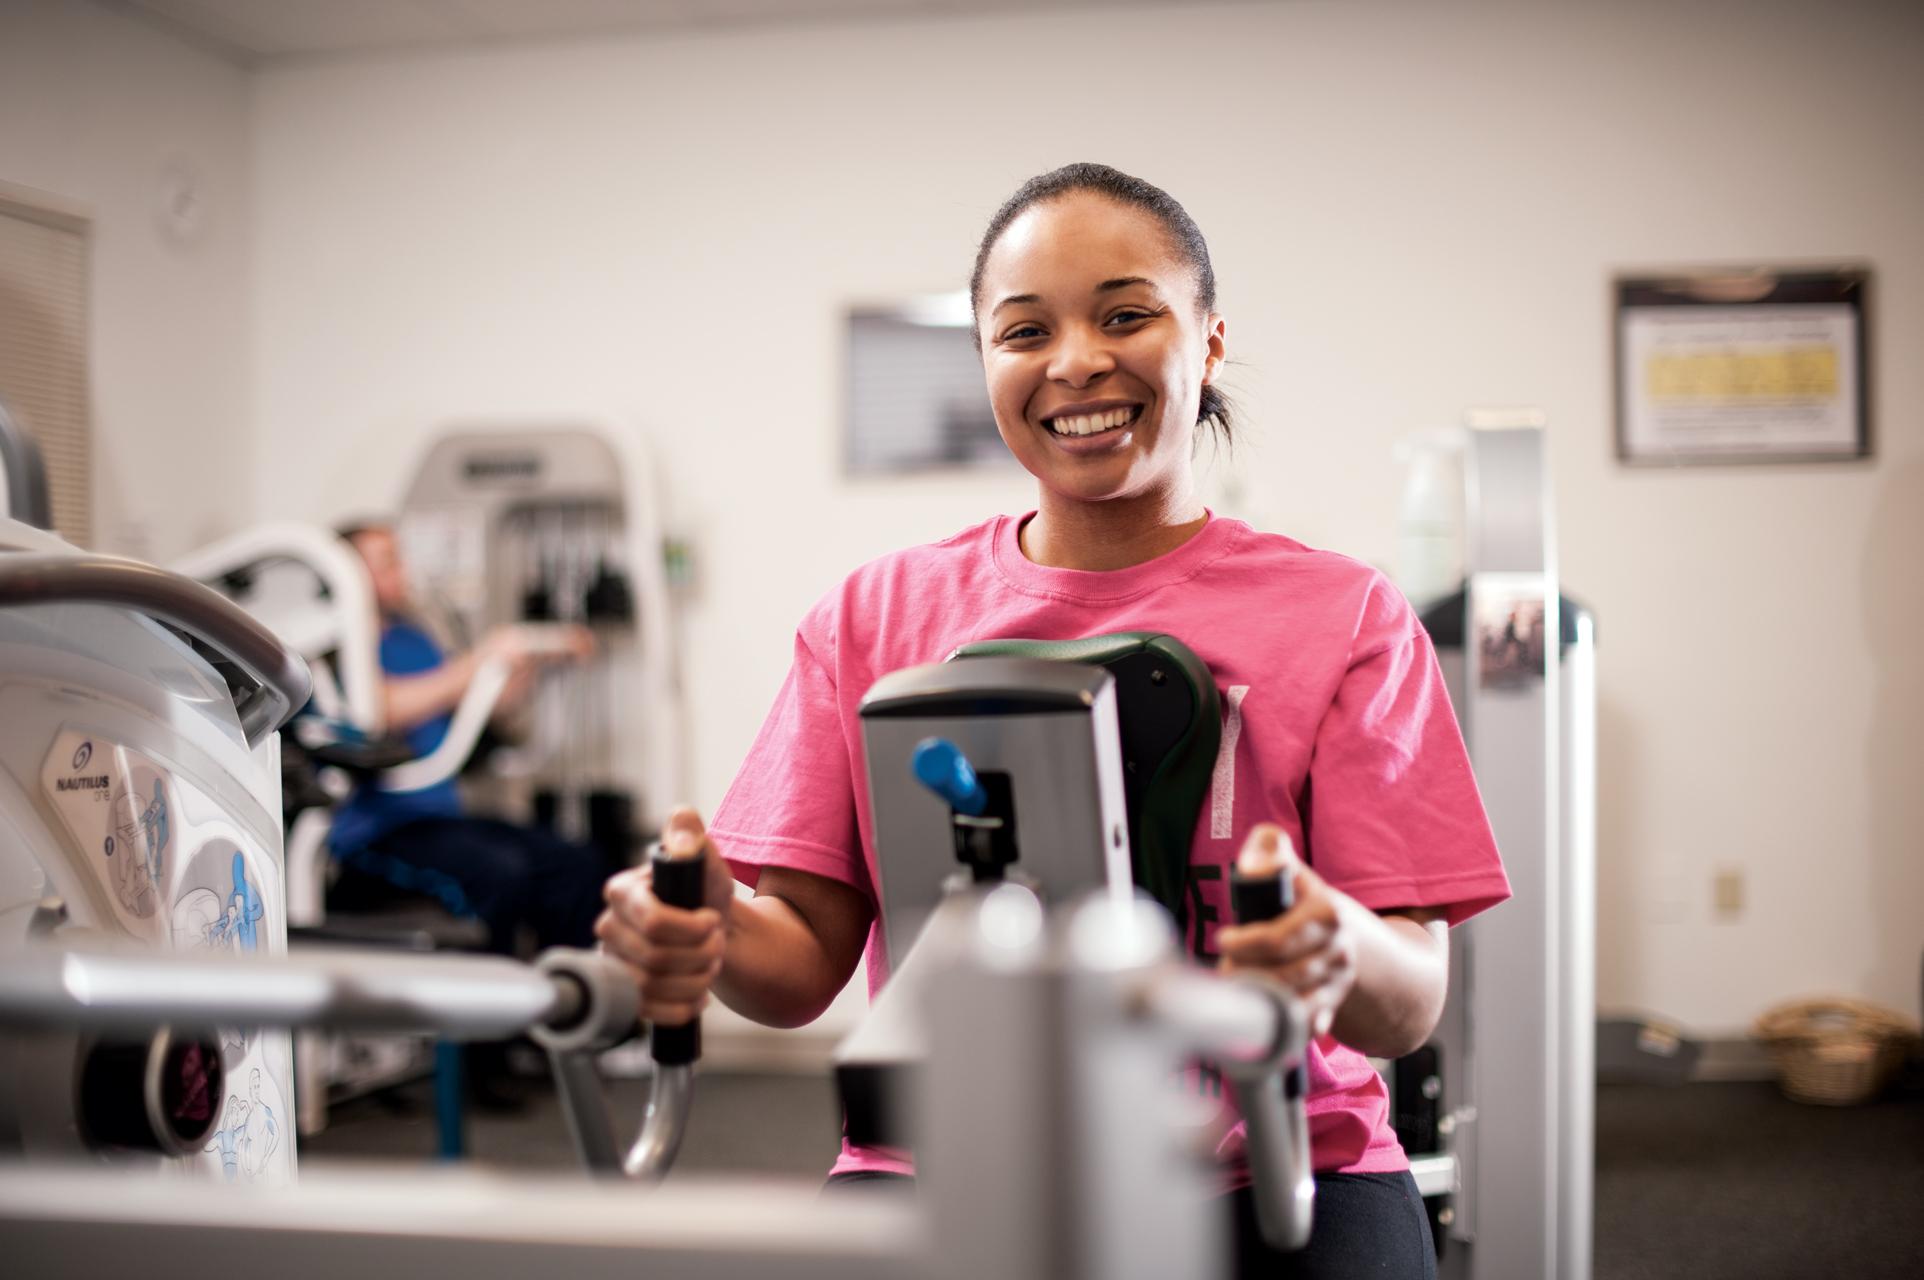 Female on Exercise Equipment